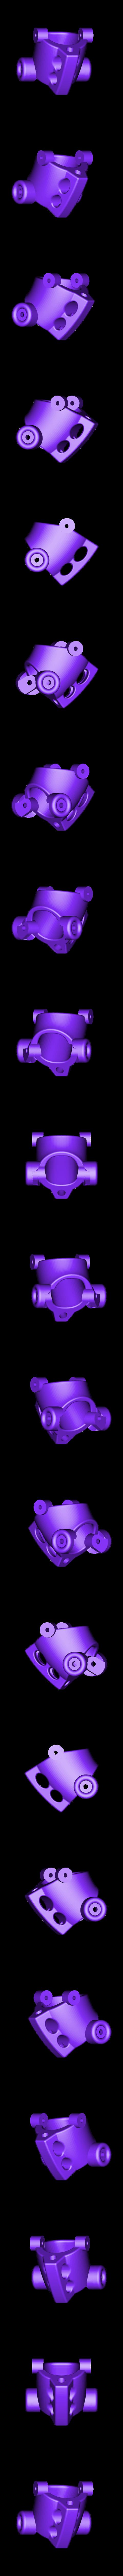 SOLO_Finger_Pen_std_size_pt-B_Metric.stl Télécharger fichier STL gratuit Stylo à doigt solo • Modèle imprimable en 3D, WorksBySolo